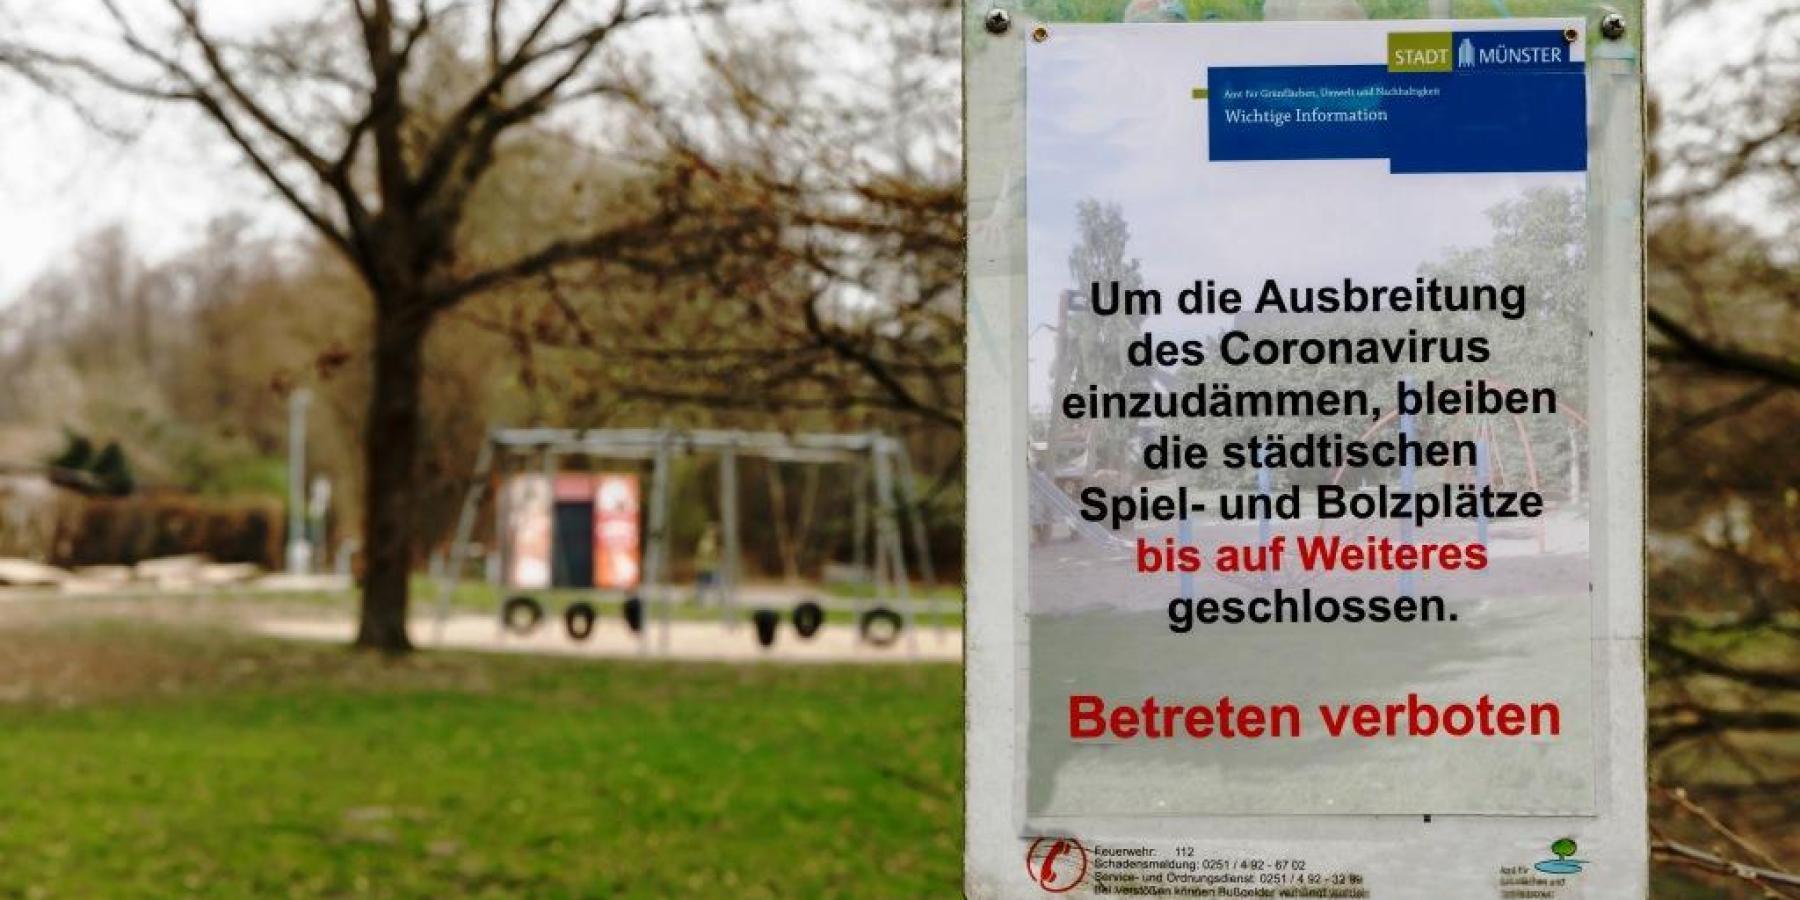 Spielplätze gesperrt: Schilder aufgestellt